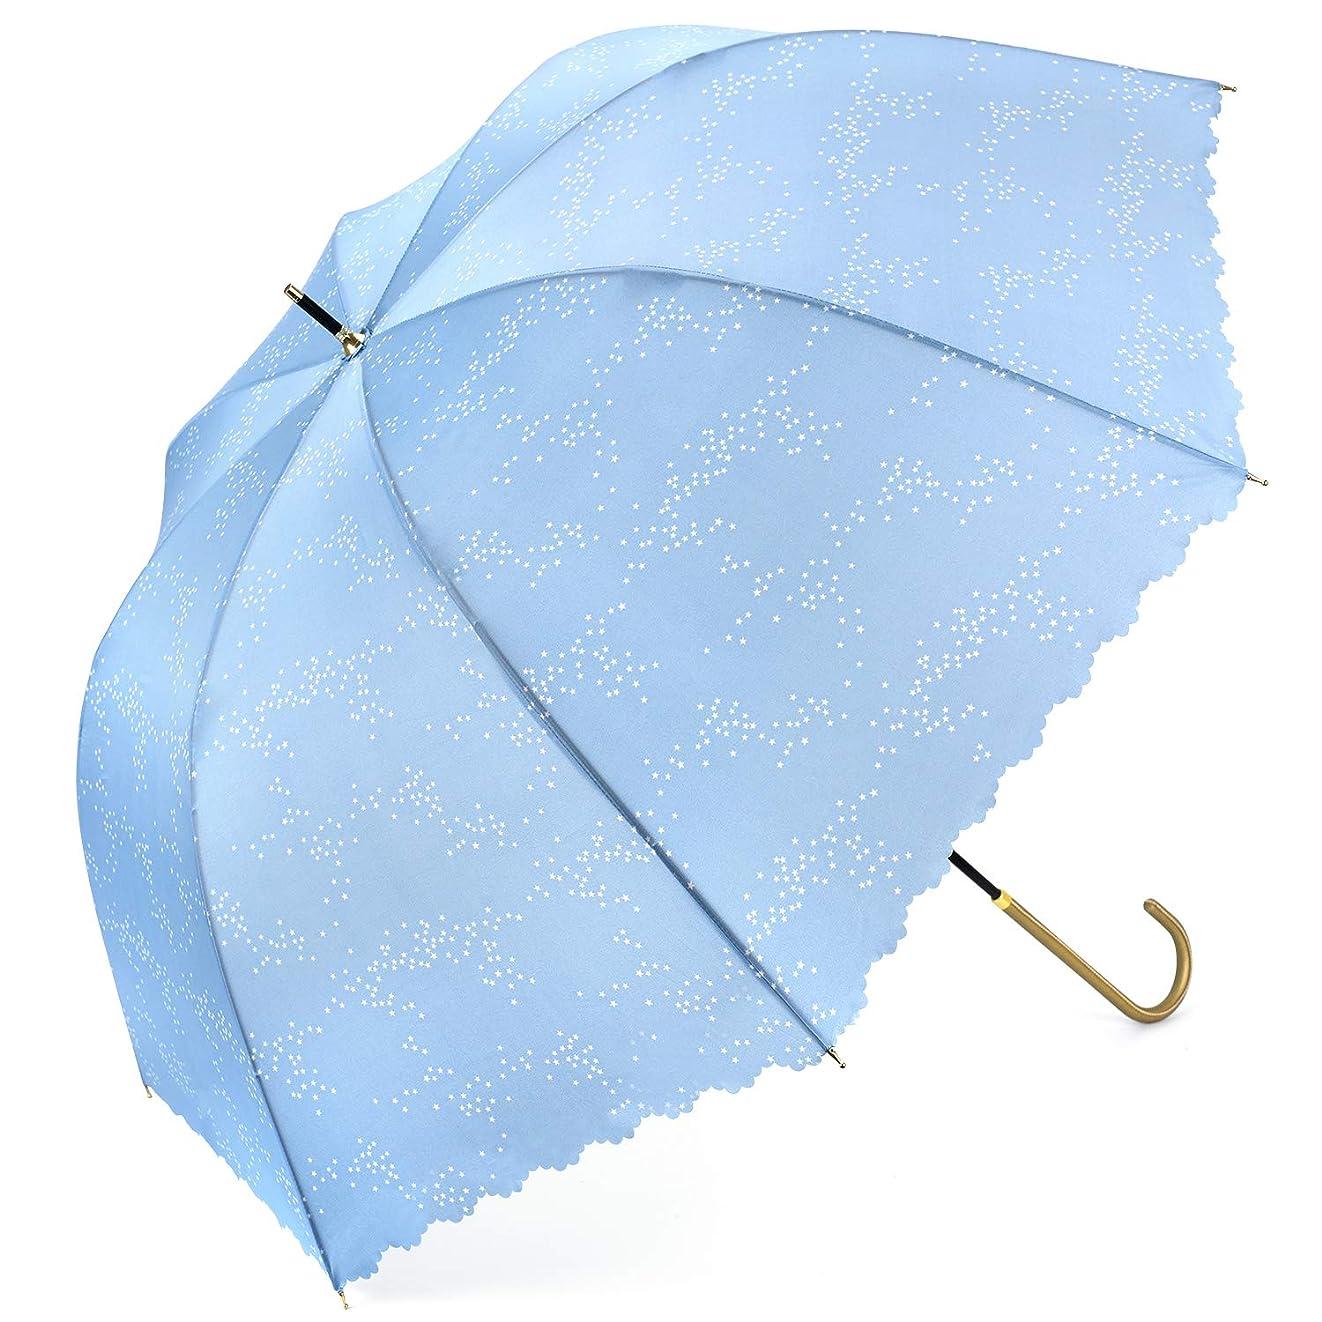 誘導パラシュート仮説Smartbulle フランスのブランド 子供たち 透明傘 長傘 ジャンプ傘 おしゃれ ドーム型 高強度グラスファイバー採用 梅雨対策 バブルアンブレラ 女用の傘 頑丈な8本骨 (かわいい動物)